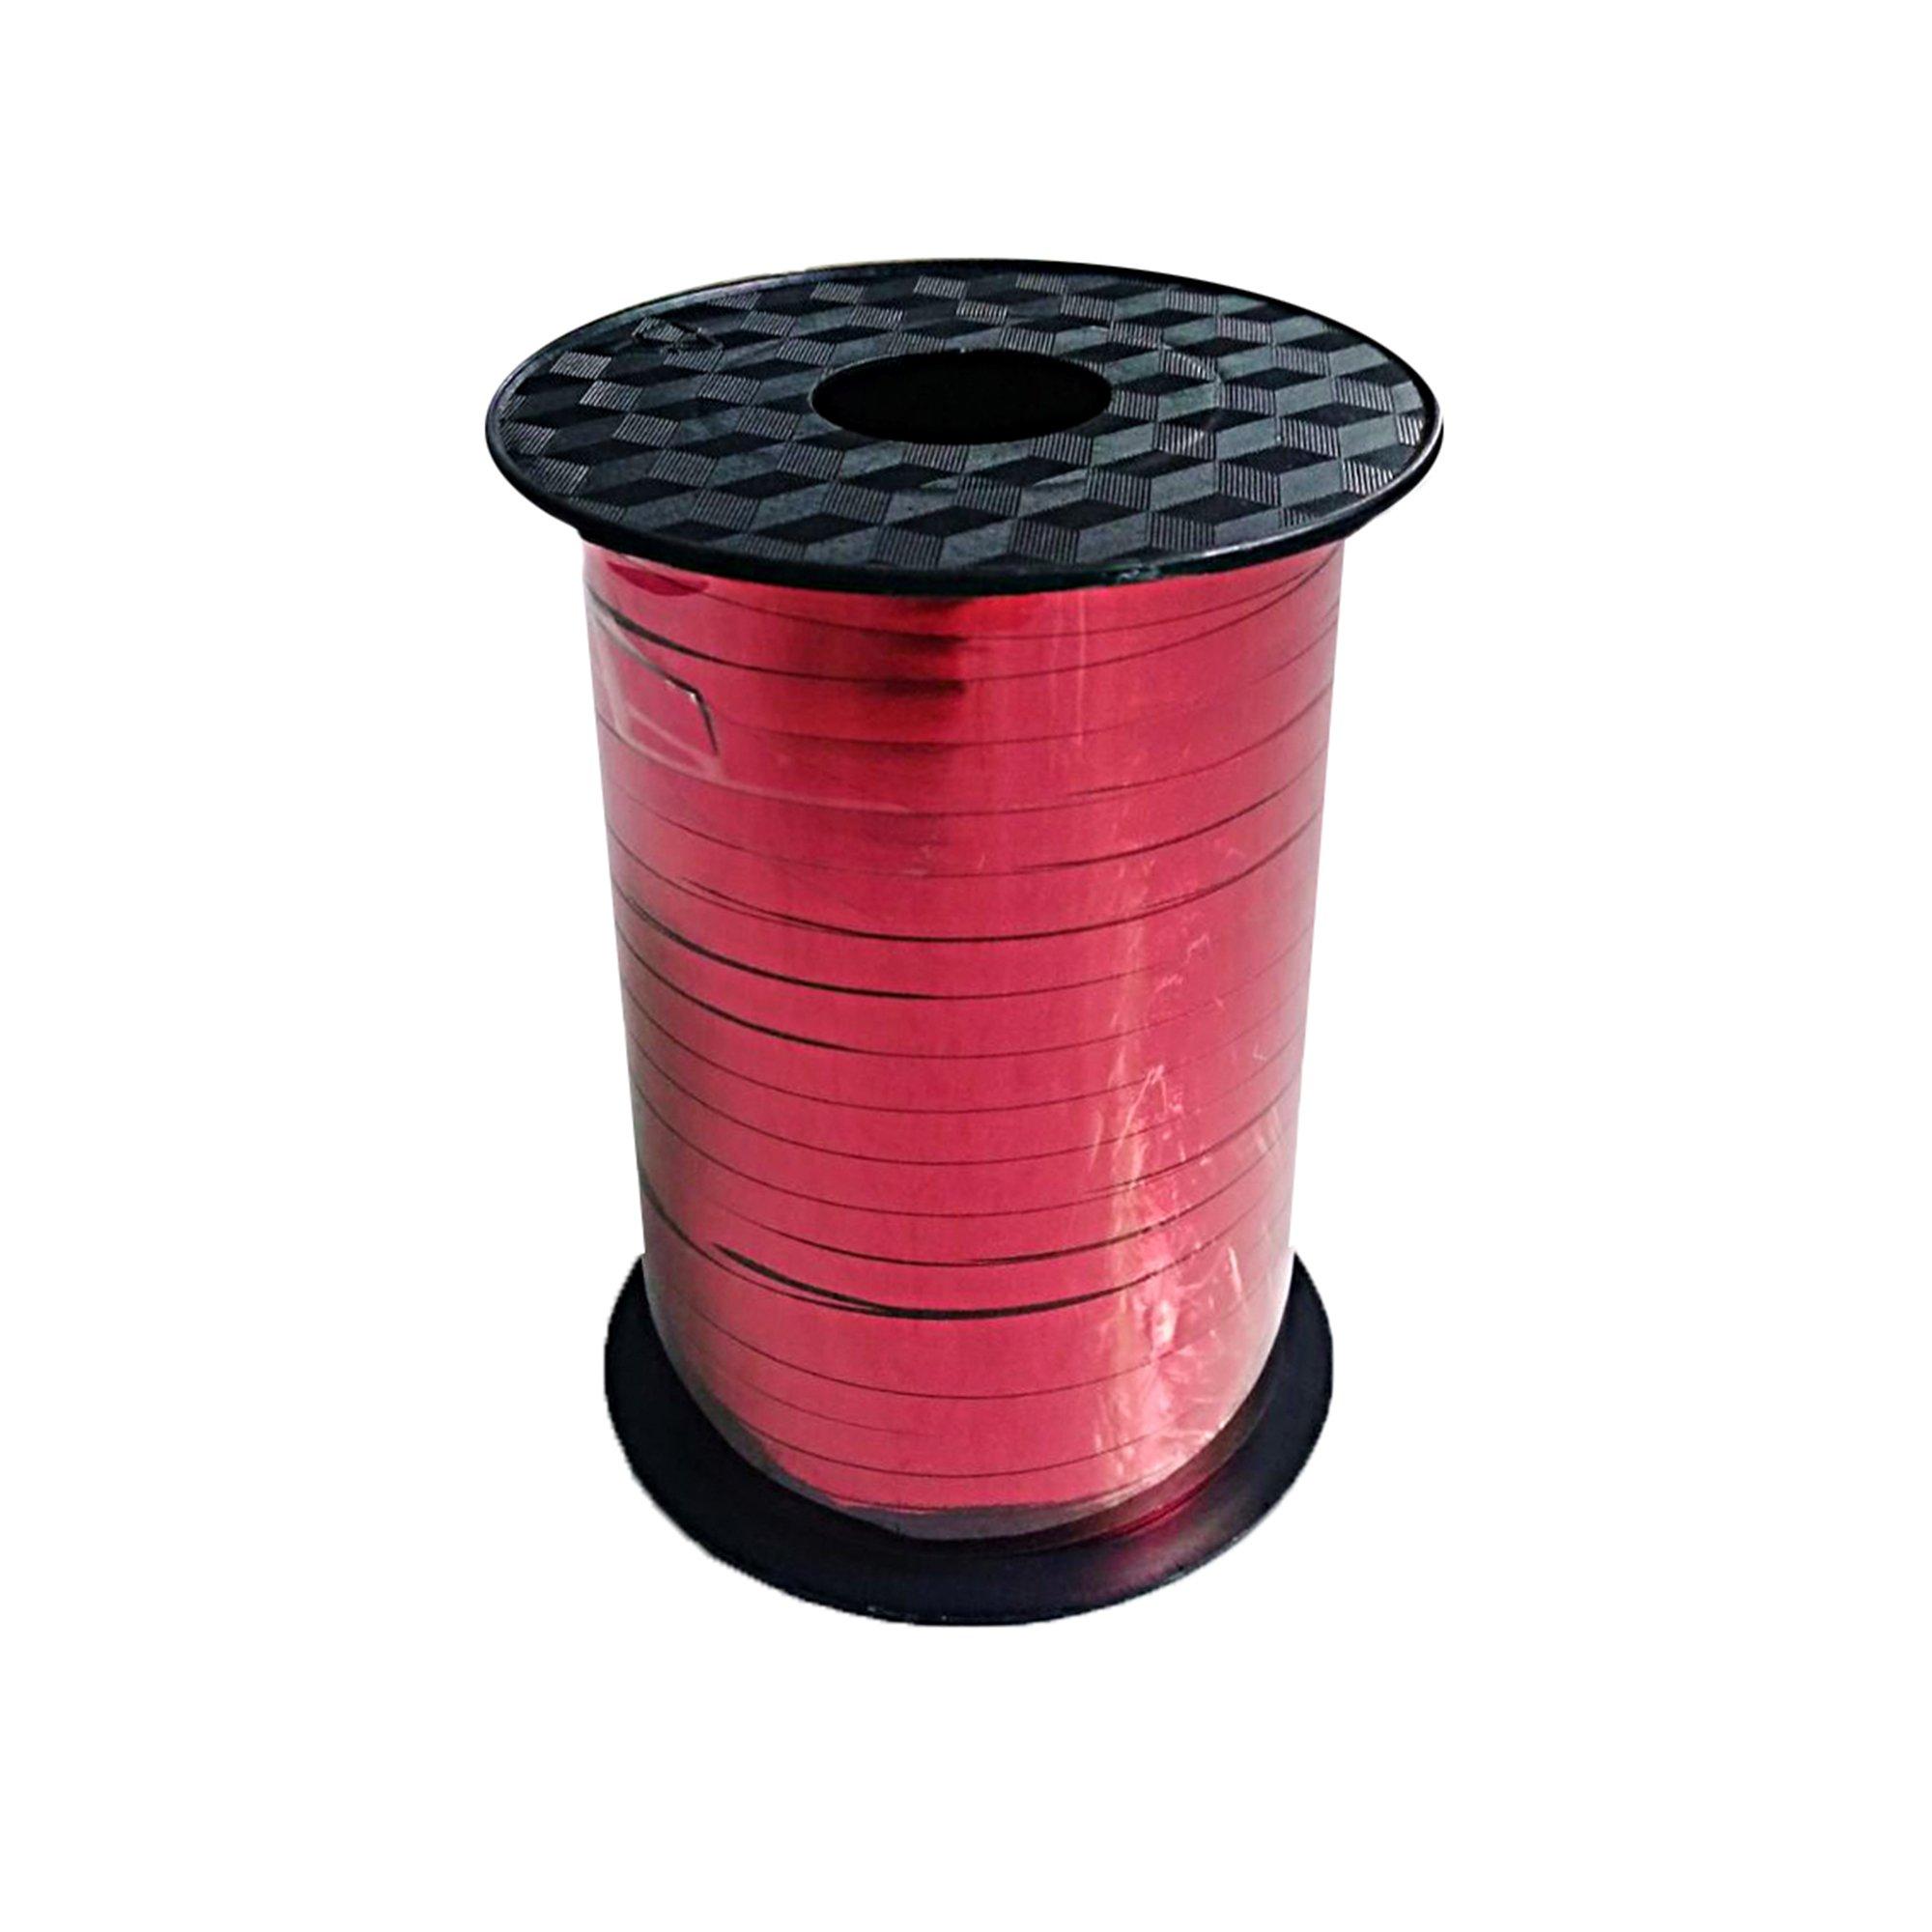 Balloon Metallic Ribbon - Red